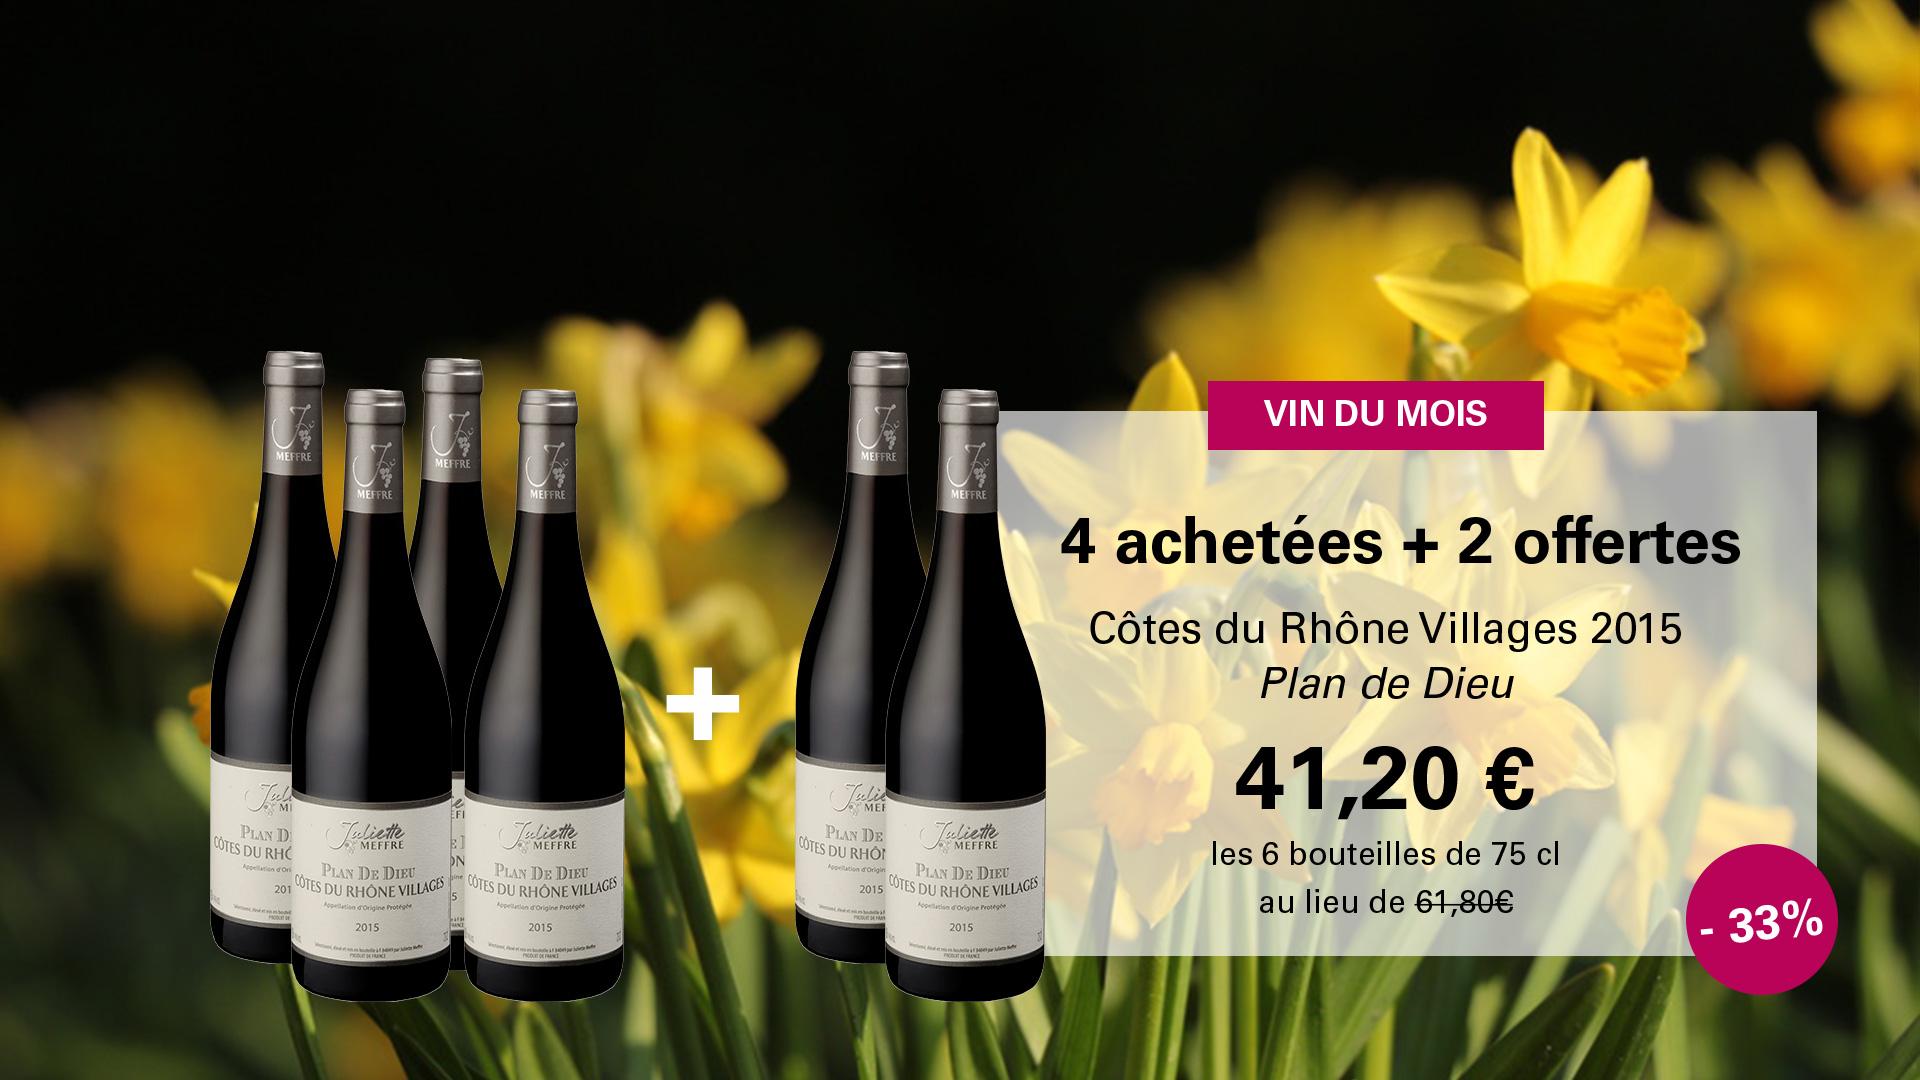 Vin du Mois d'Avril 2018 Côtes du Rhône Villages Plan de Dieu 2015